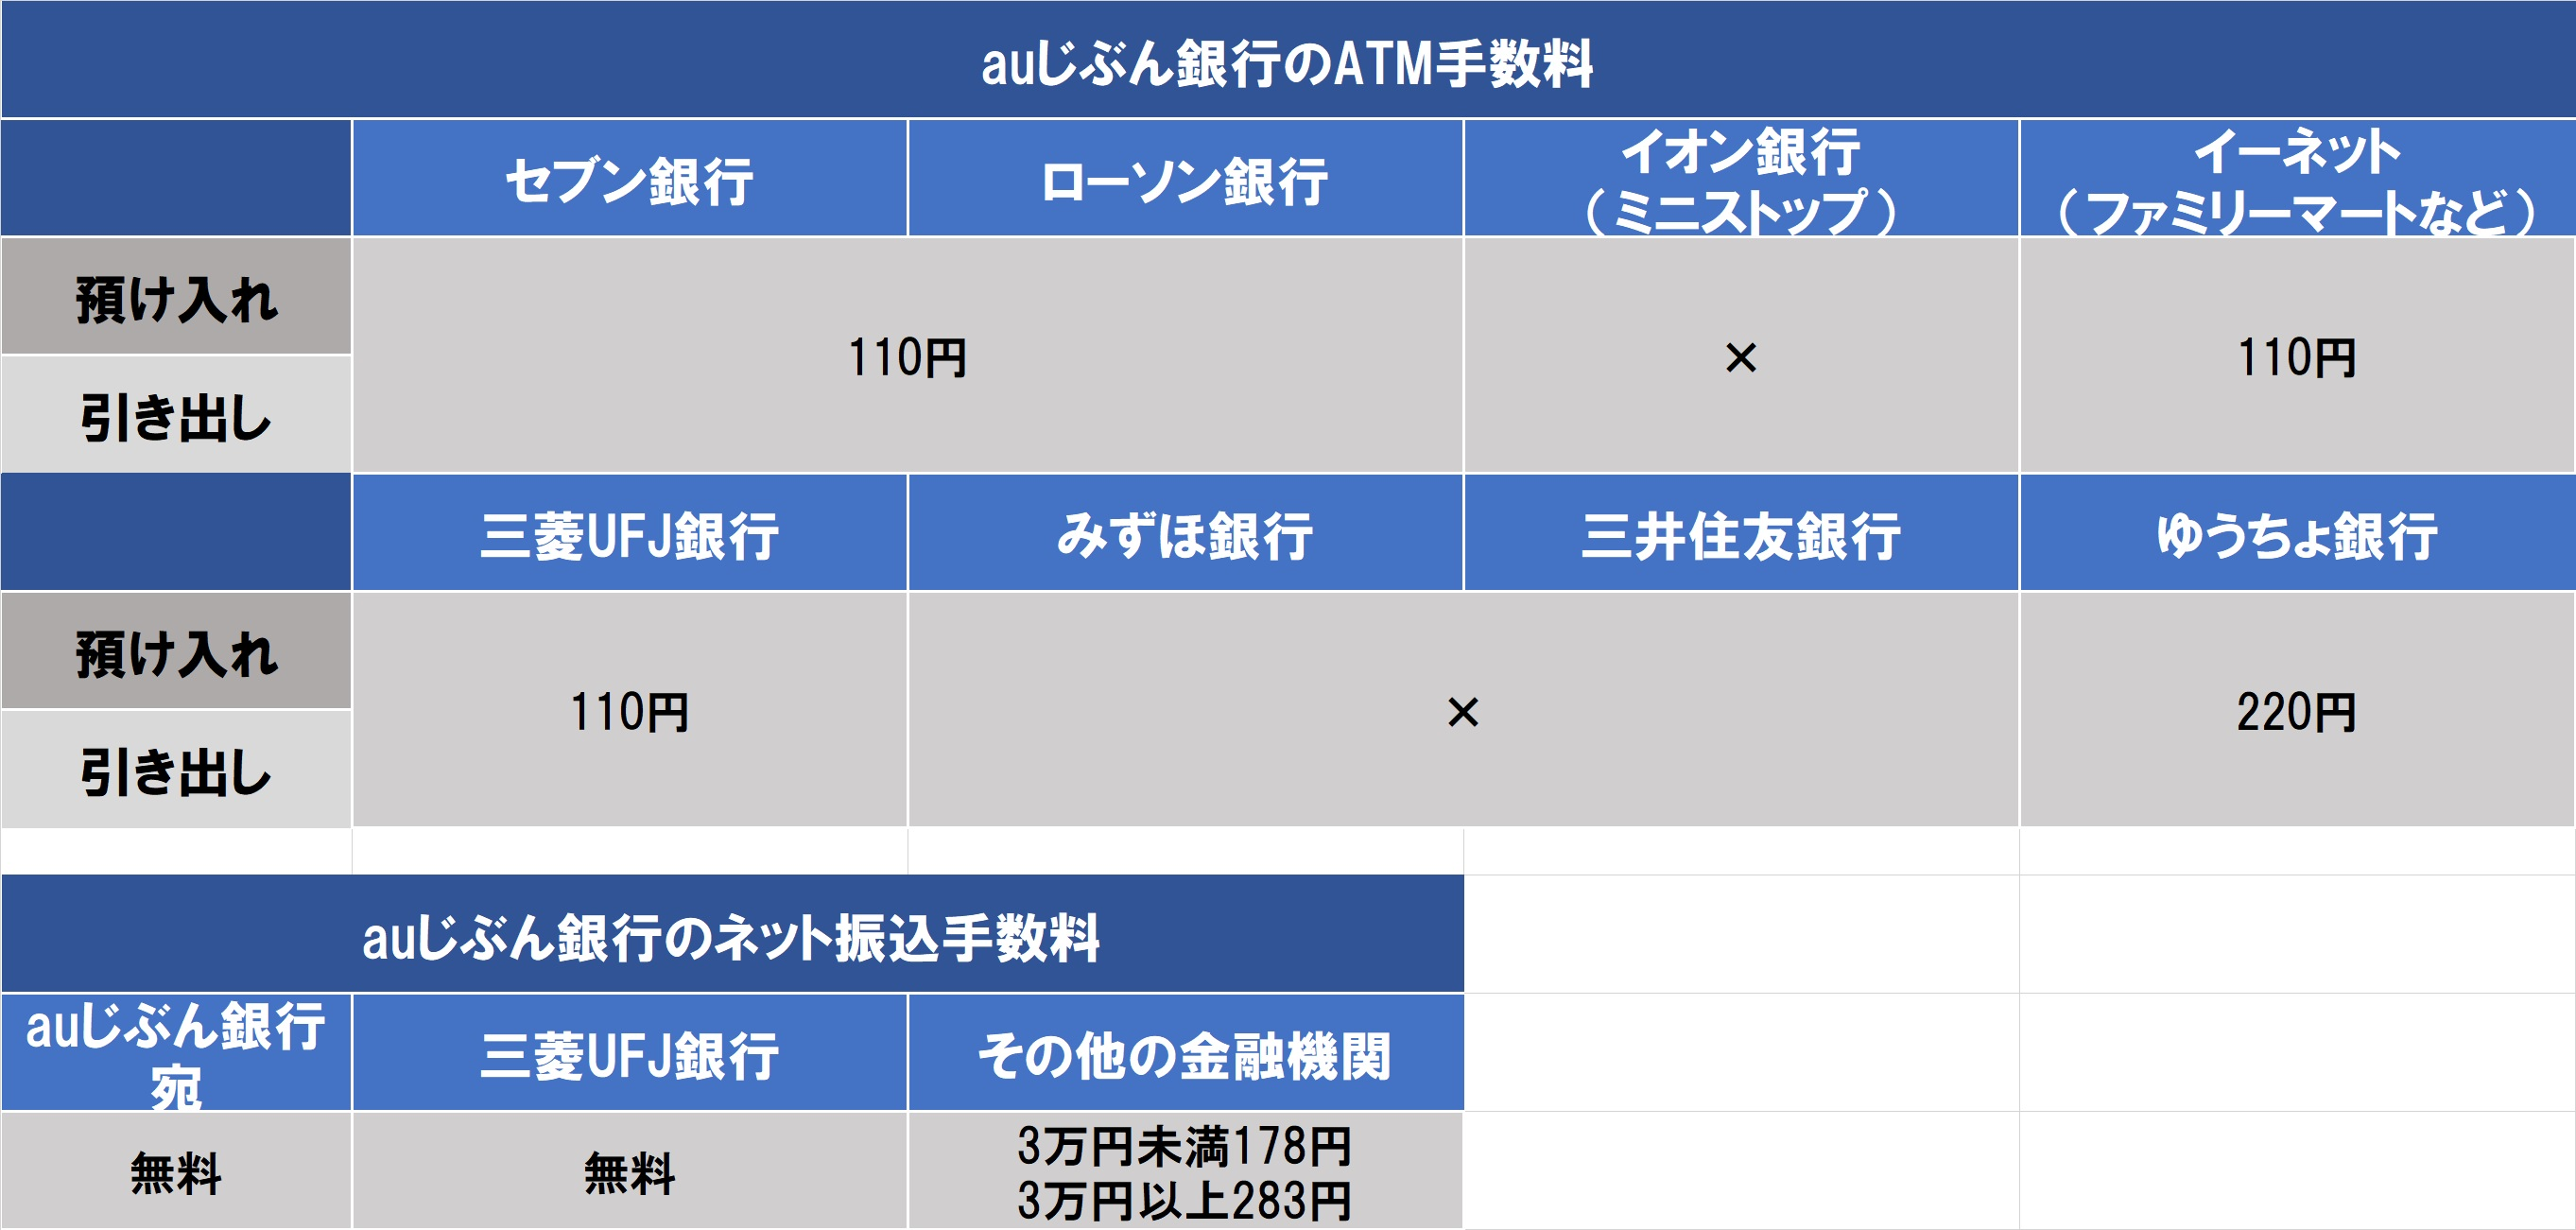 ネット ジャパン ゆうちょ 銀行 銀行 振込 手数料 から